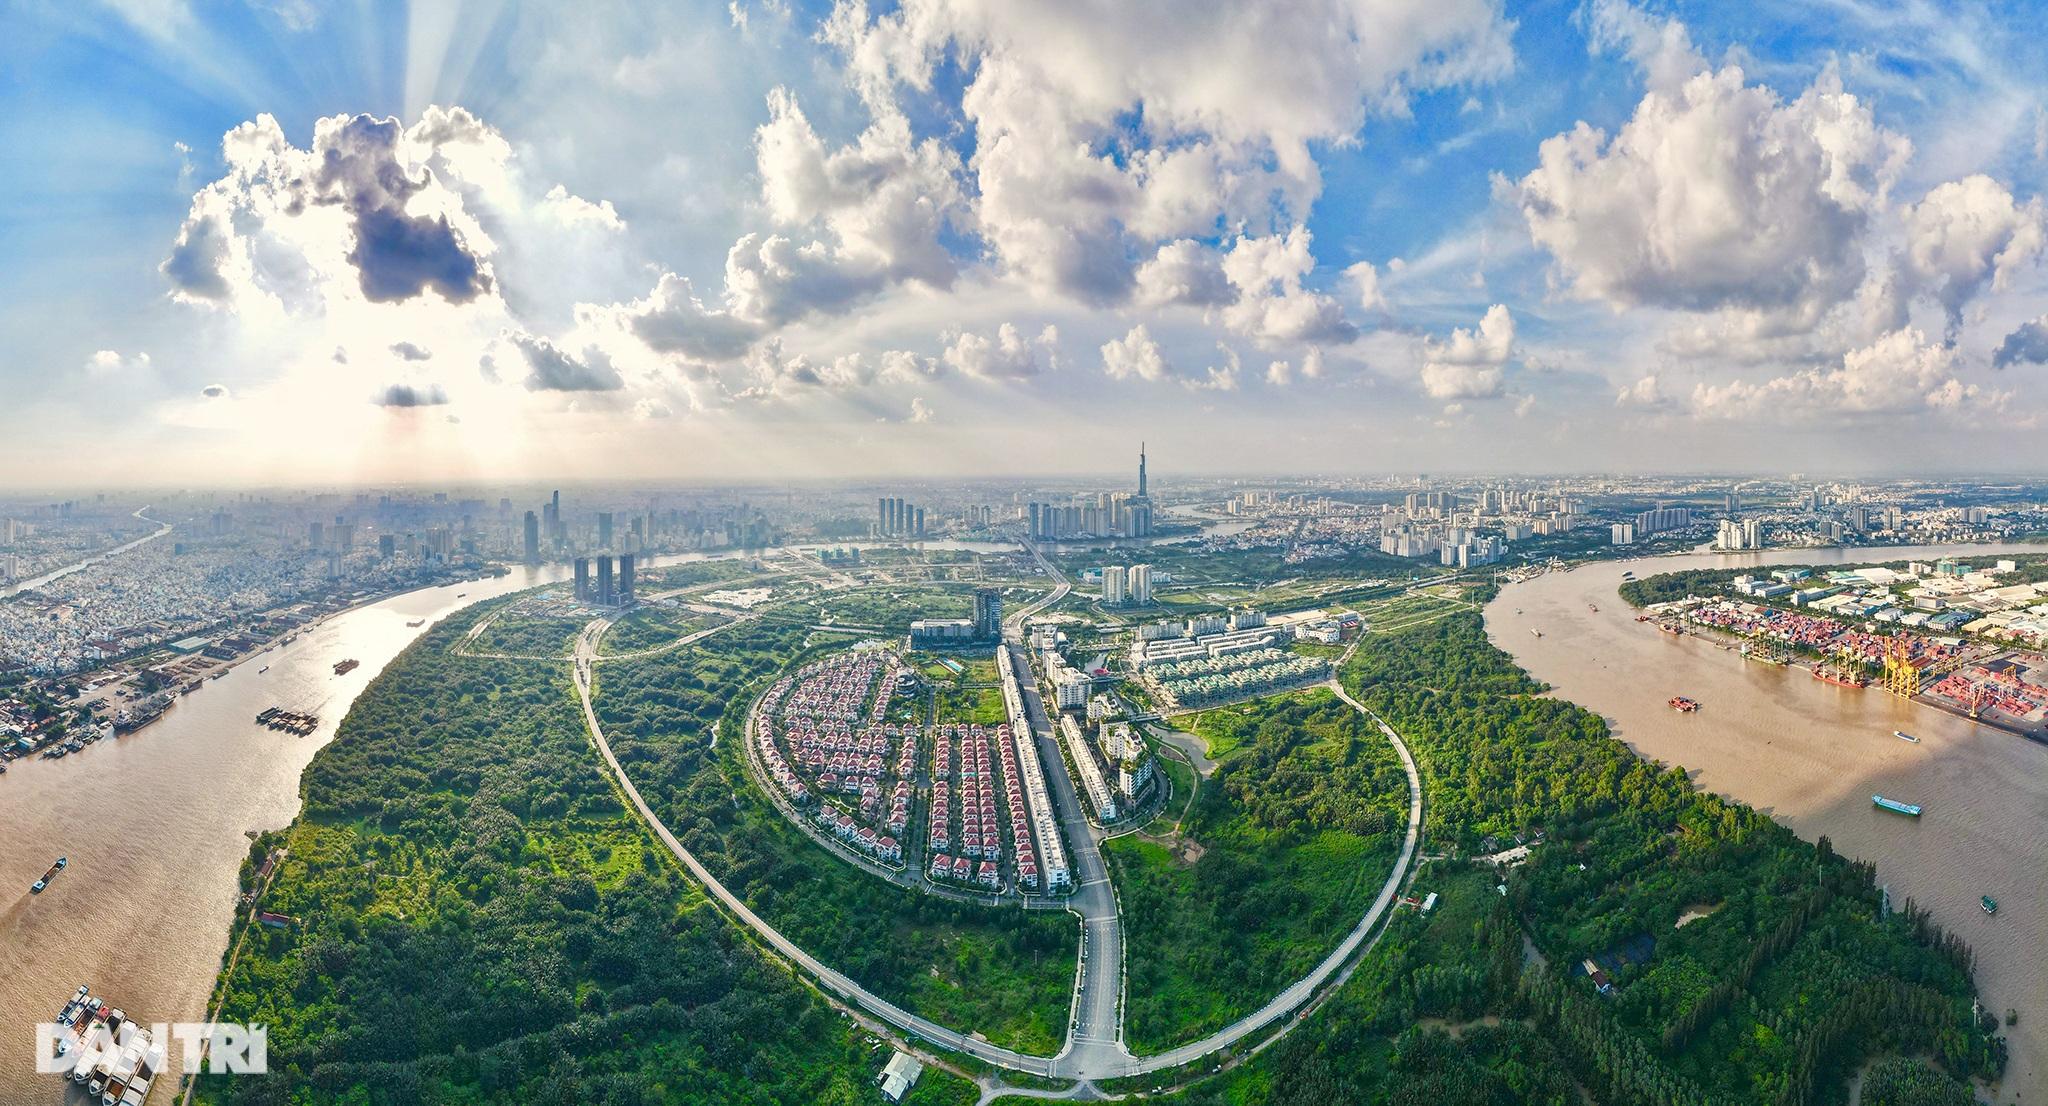 Thành phố Hồ Chí Minh - Vẻ đẹp của một Siêu đô thị hiện đại - 9